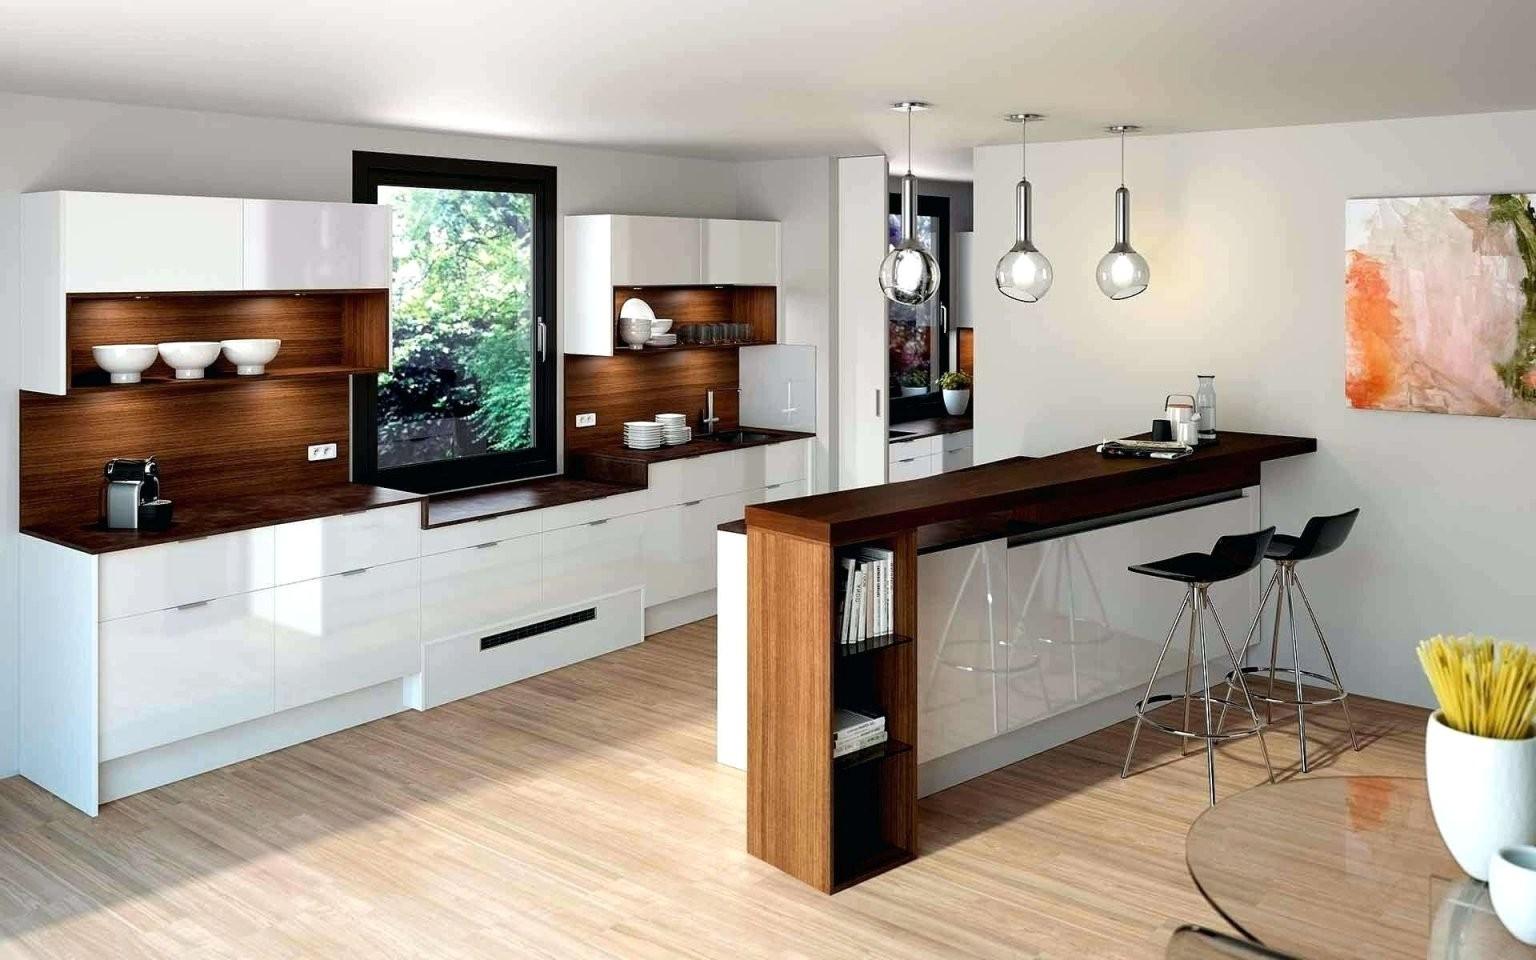 8 Leicht Kleine Küche Gestalten Ideen At Küche Ideen Für Stilvoll von Kleine Küche Gestalten Ideen Bild